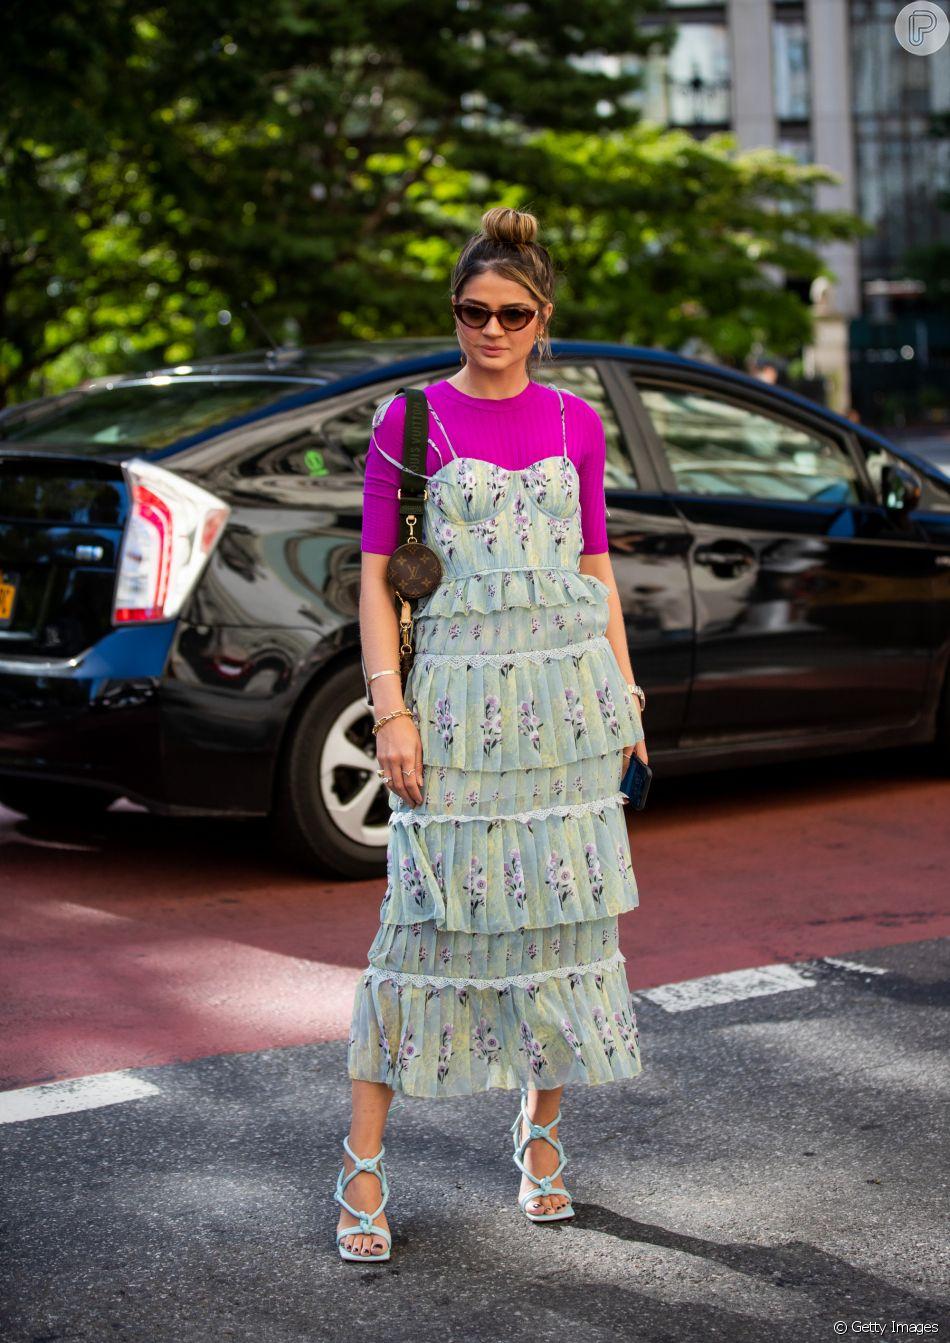 Look de Natal fashionista: sobreposição com vestidos florais e românticos